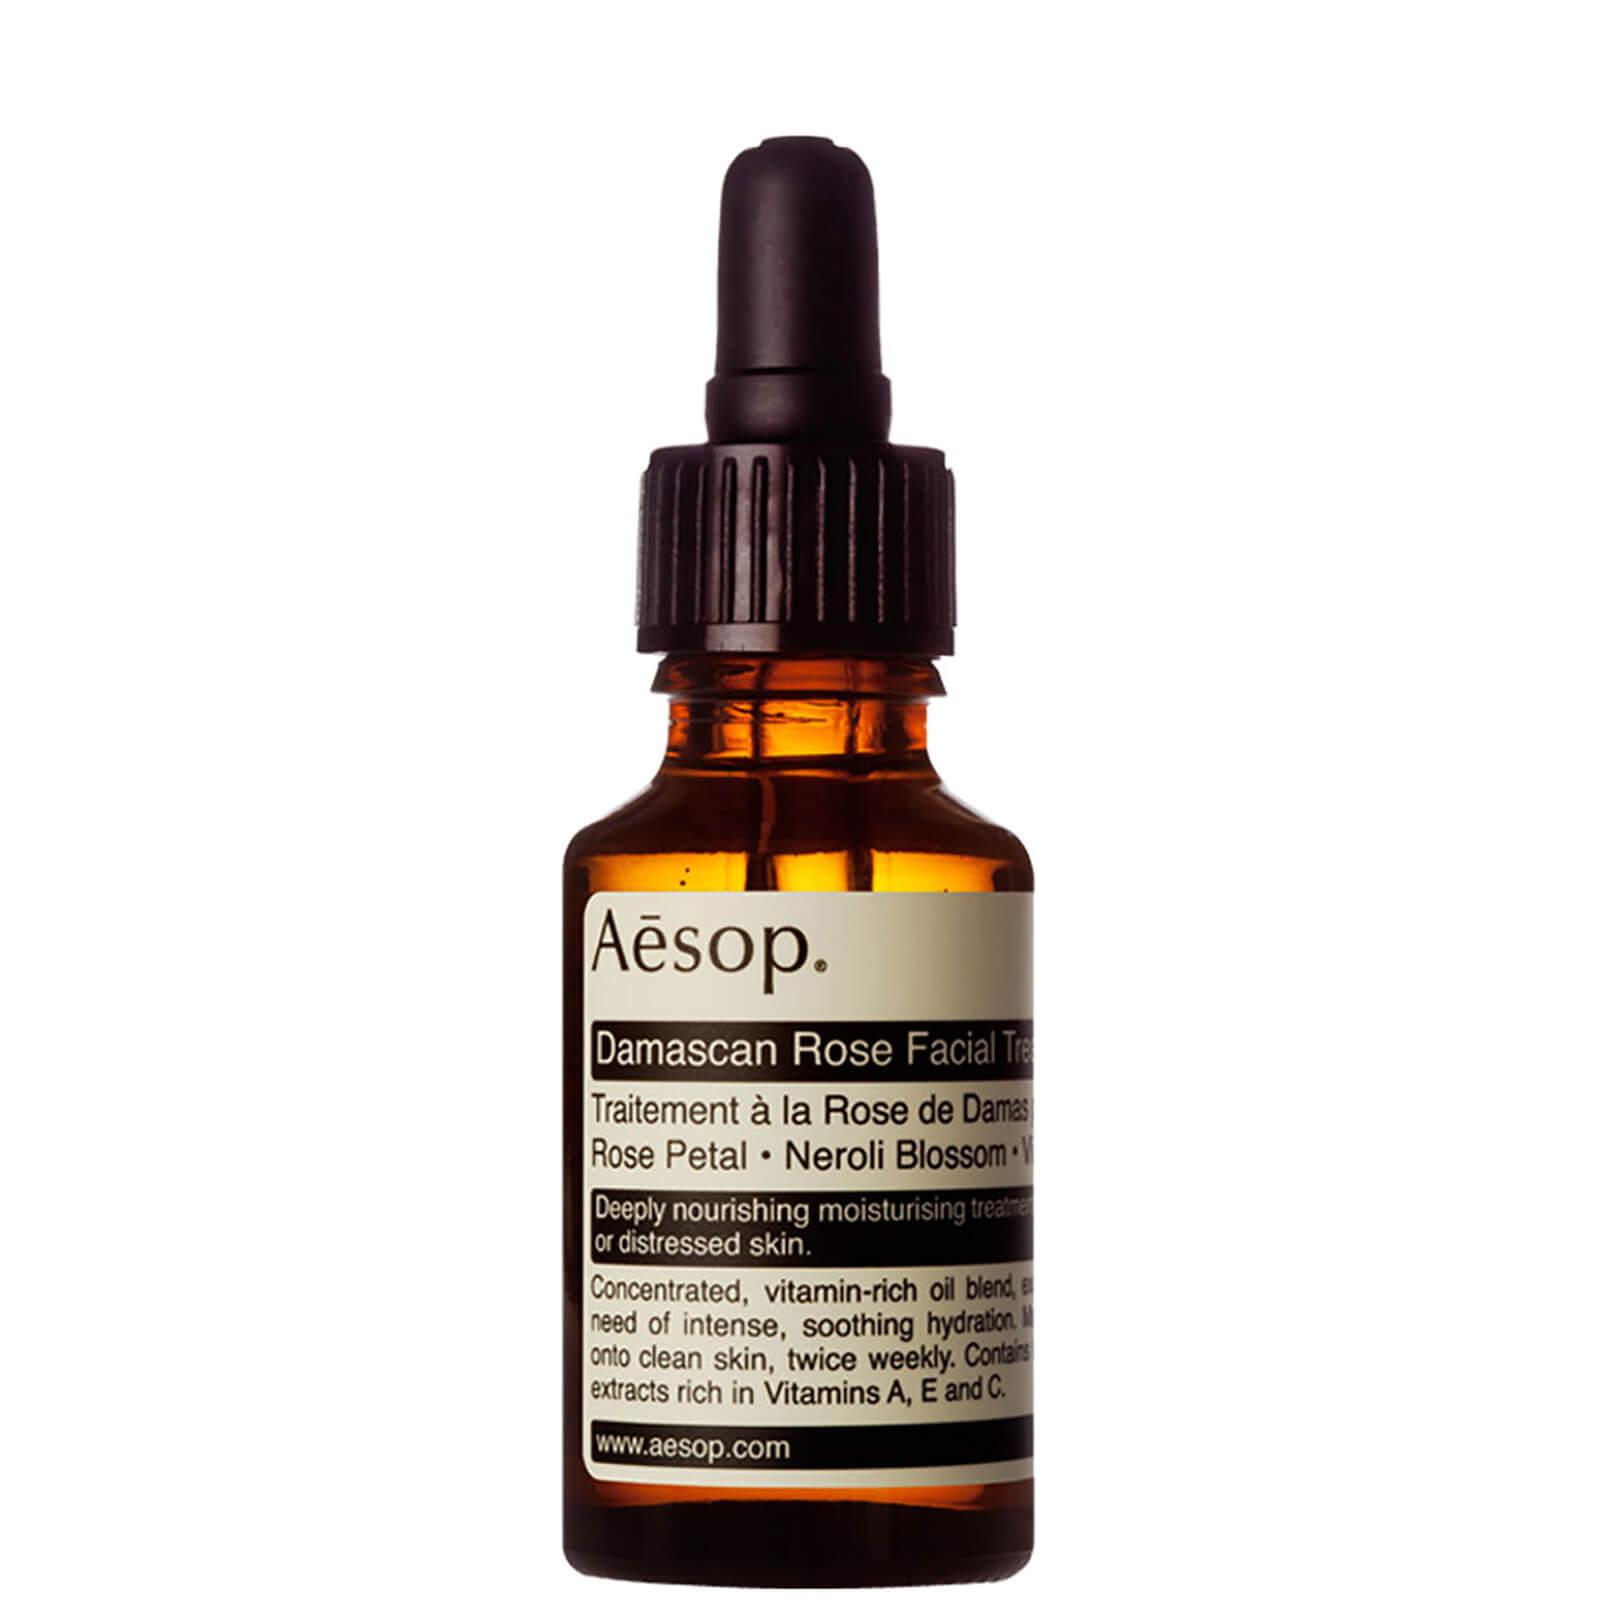 Купить Aesop Damascan Rose Facial Treatment 25ml